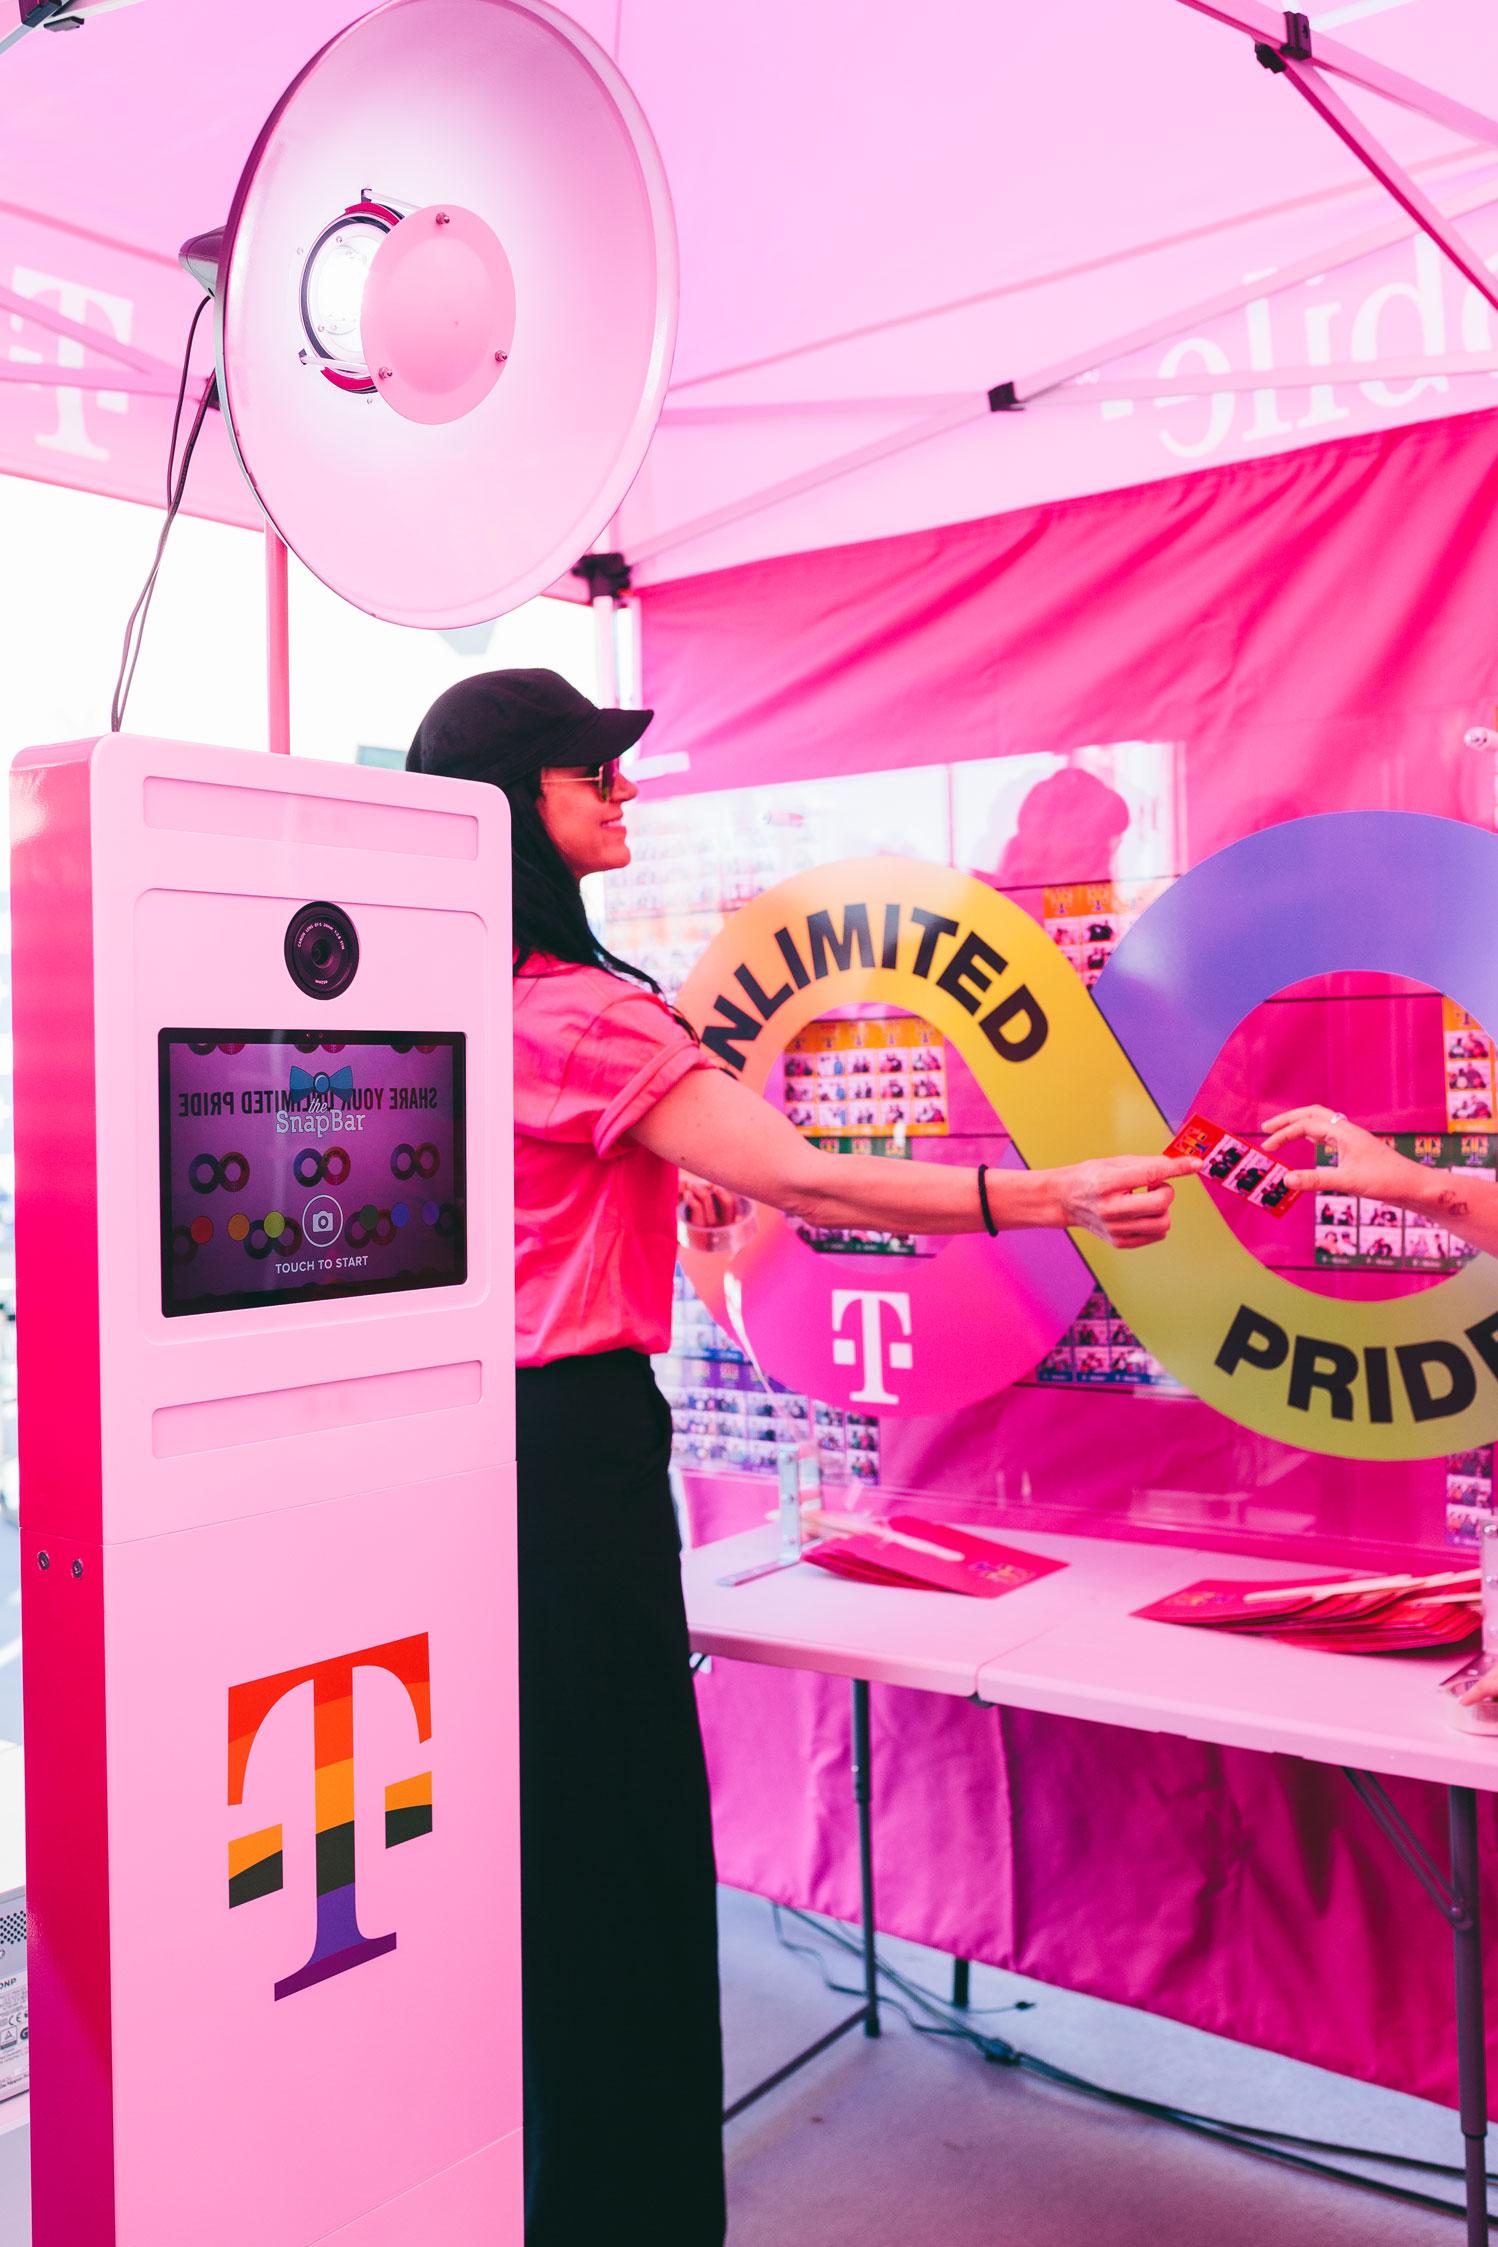 Pride festival photo booth